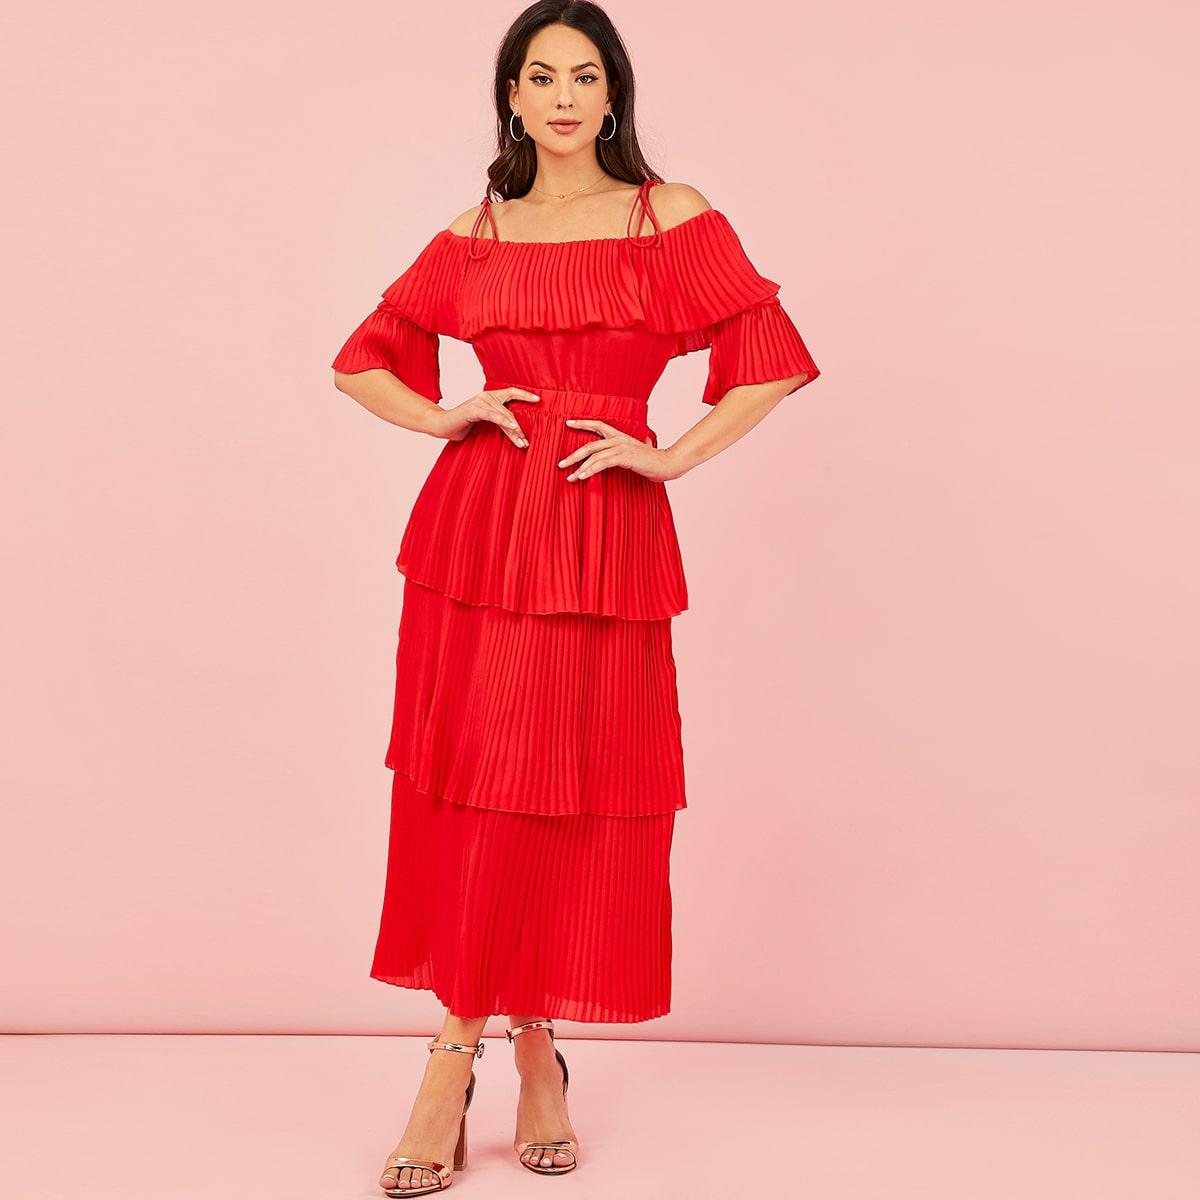 Многослойное плиссированное платье с открытыми плечами фото